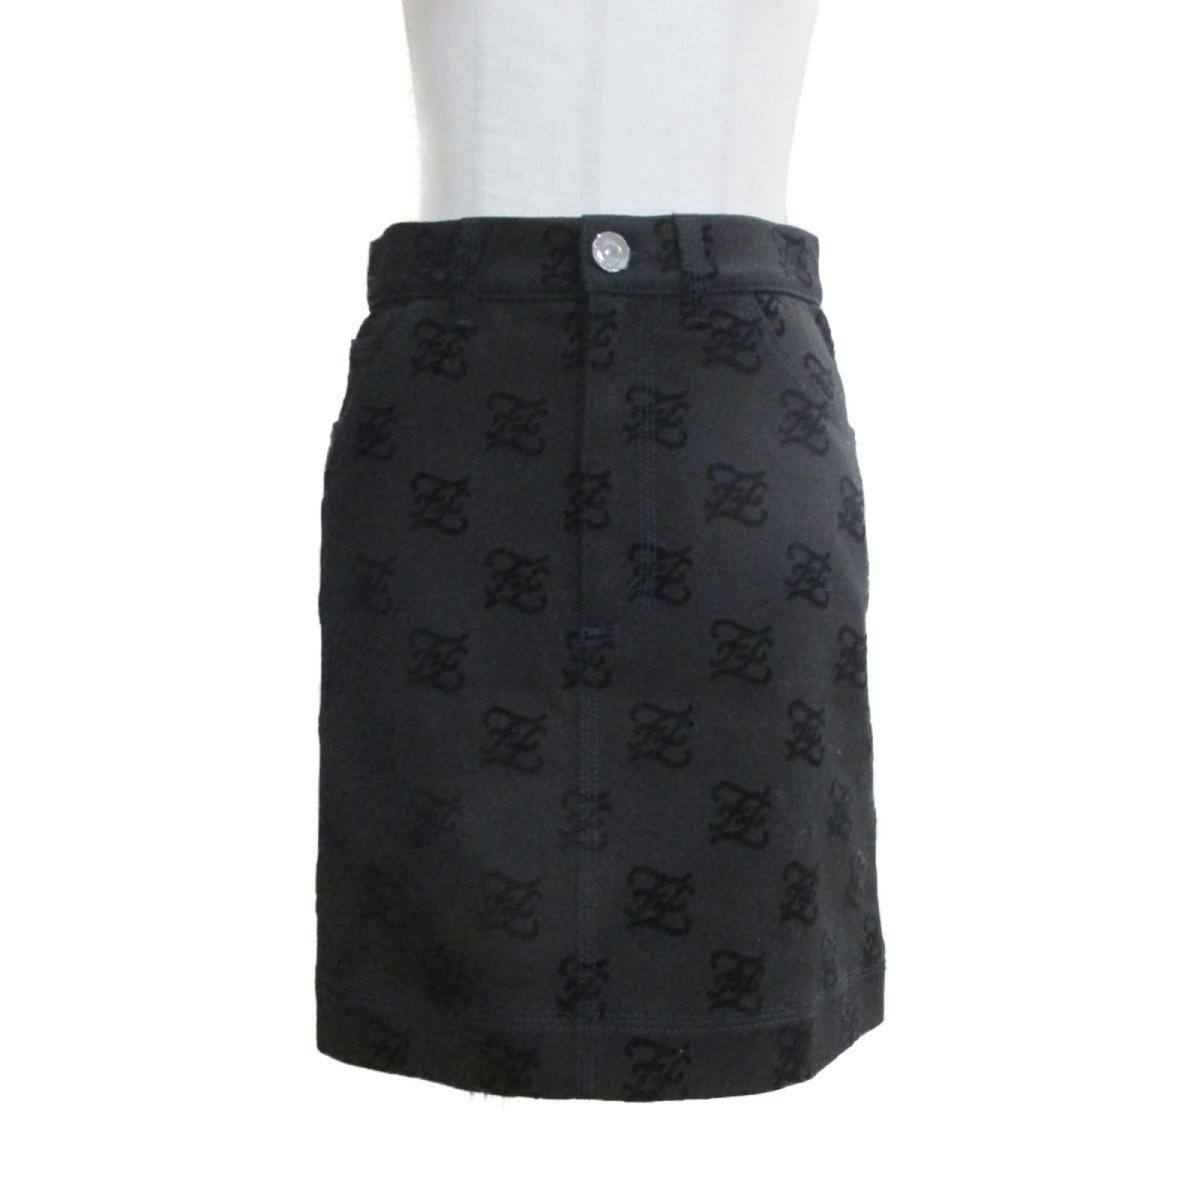 【中古】 フェンディ スカート レディース コットン98% x ポリウレタン2% ブラック ネイビー | FENDI BRANDOFF ブランドオフ 衣料品 衣類 ブランド ボトムス